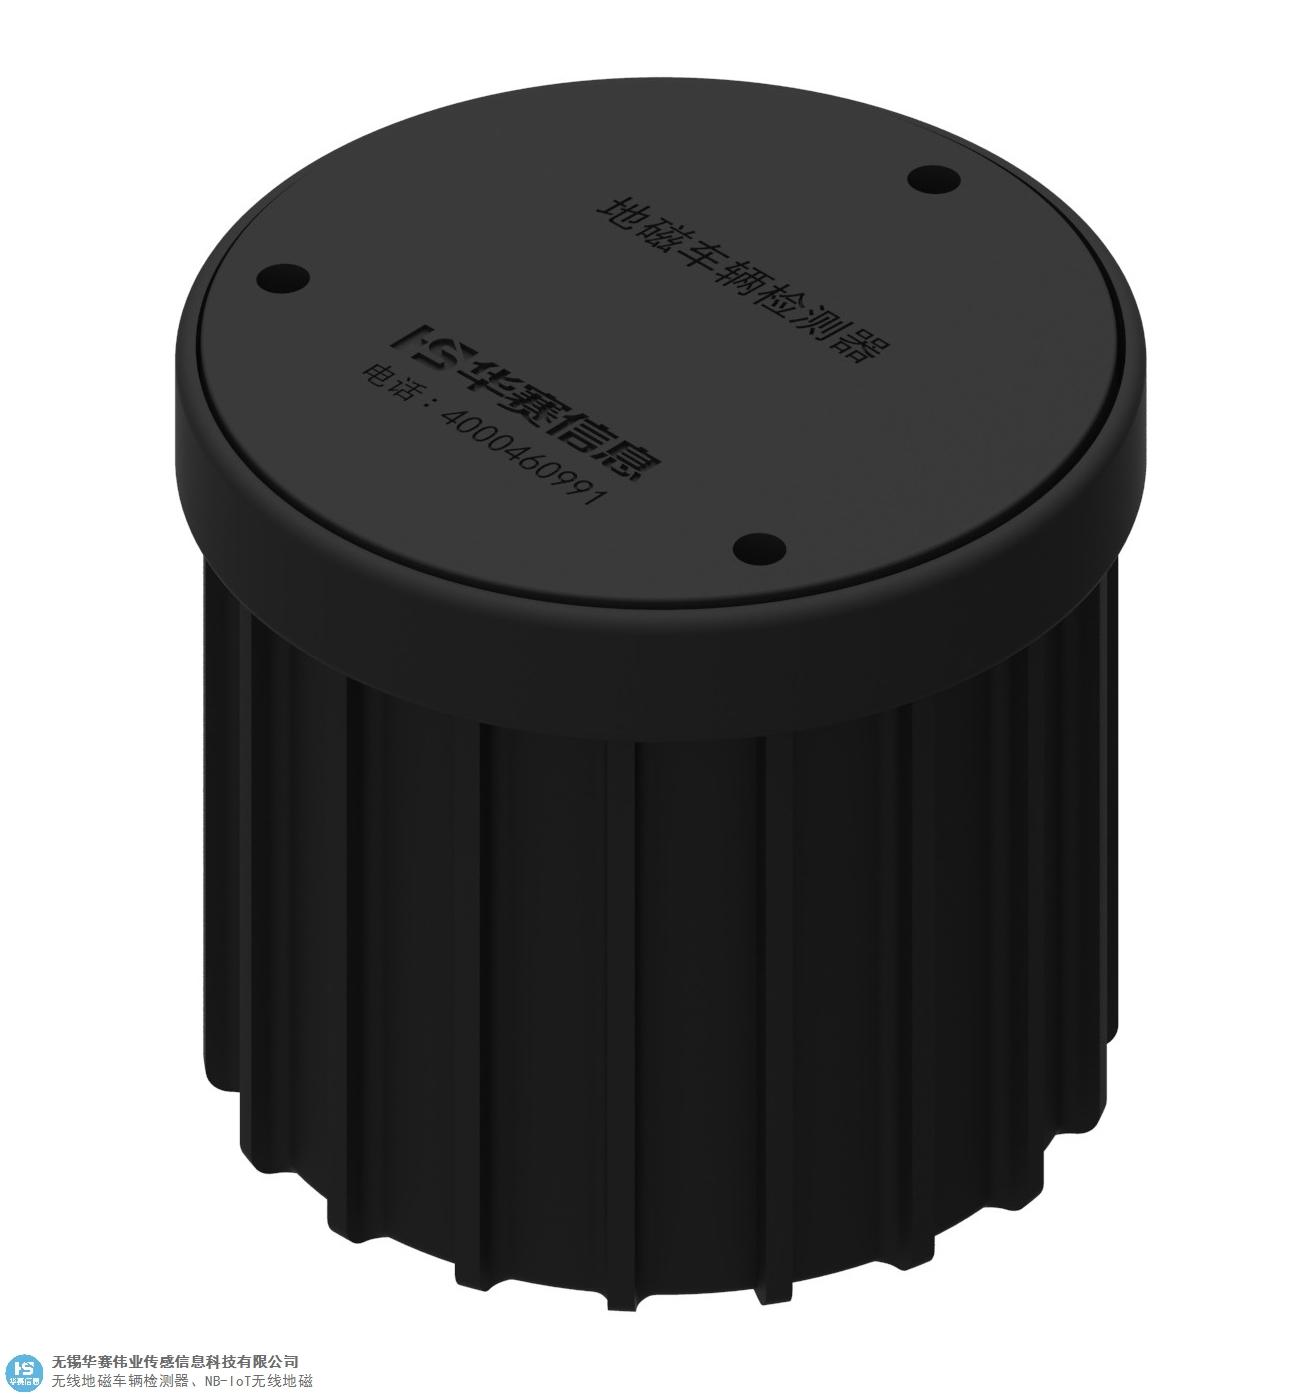 贵州nb iot地磁车位传感器 欢迎来电 无锡华赛伟业传感信息科技供应